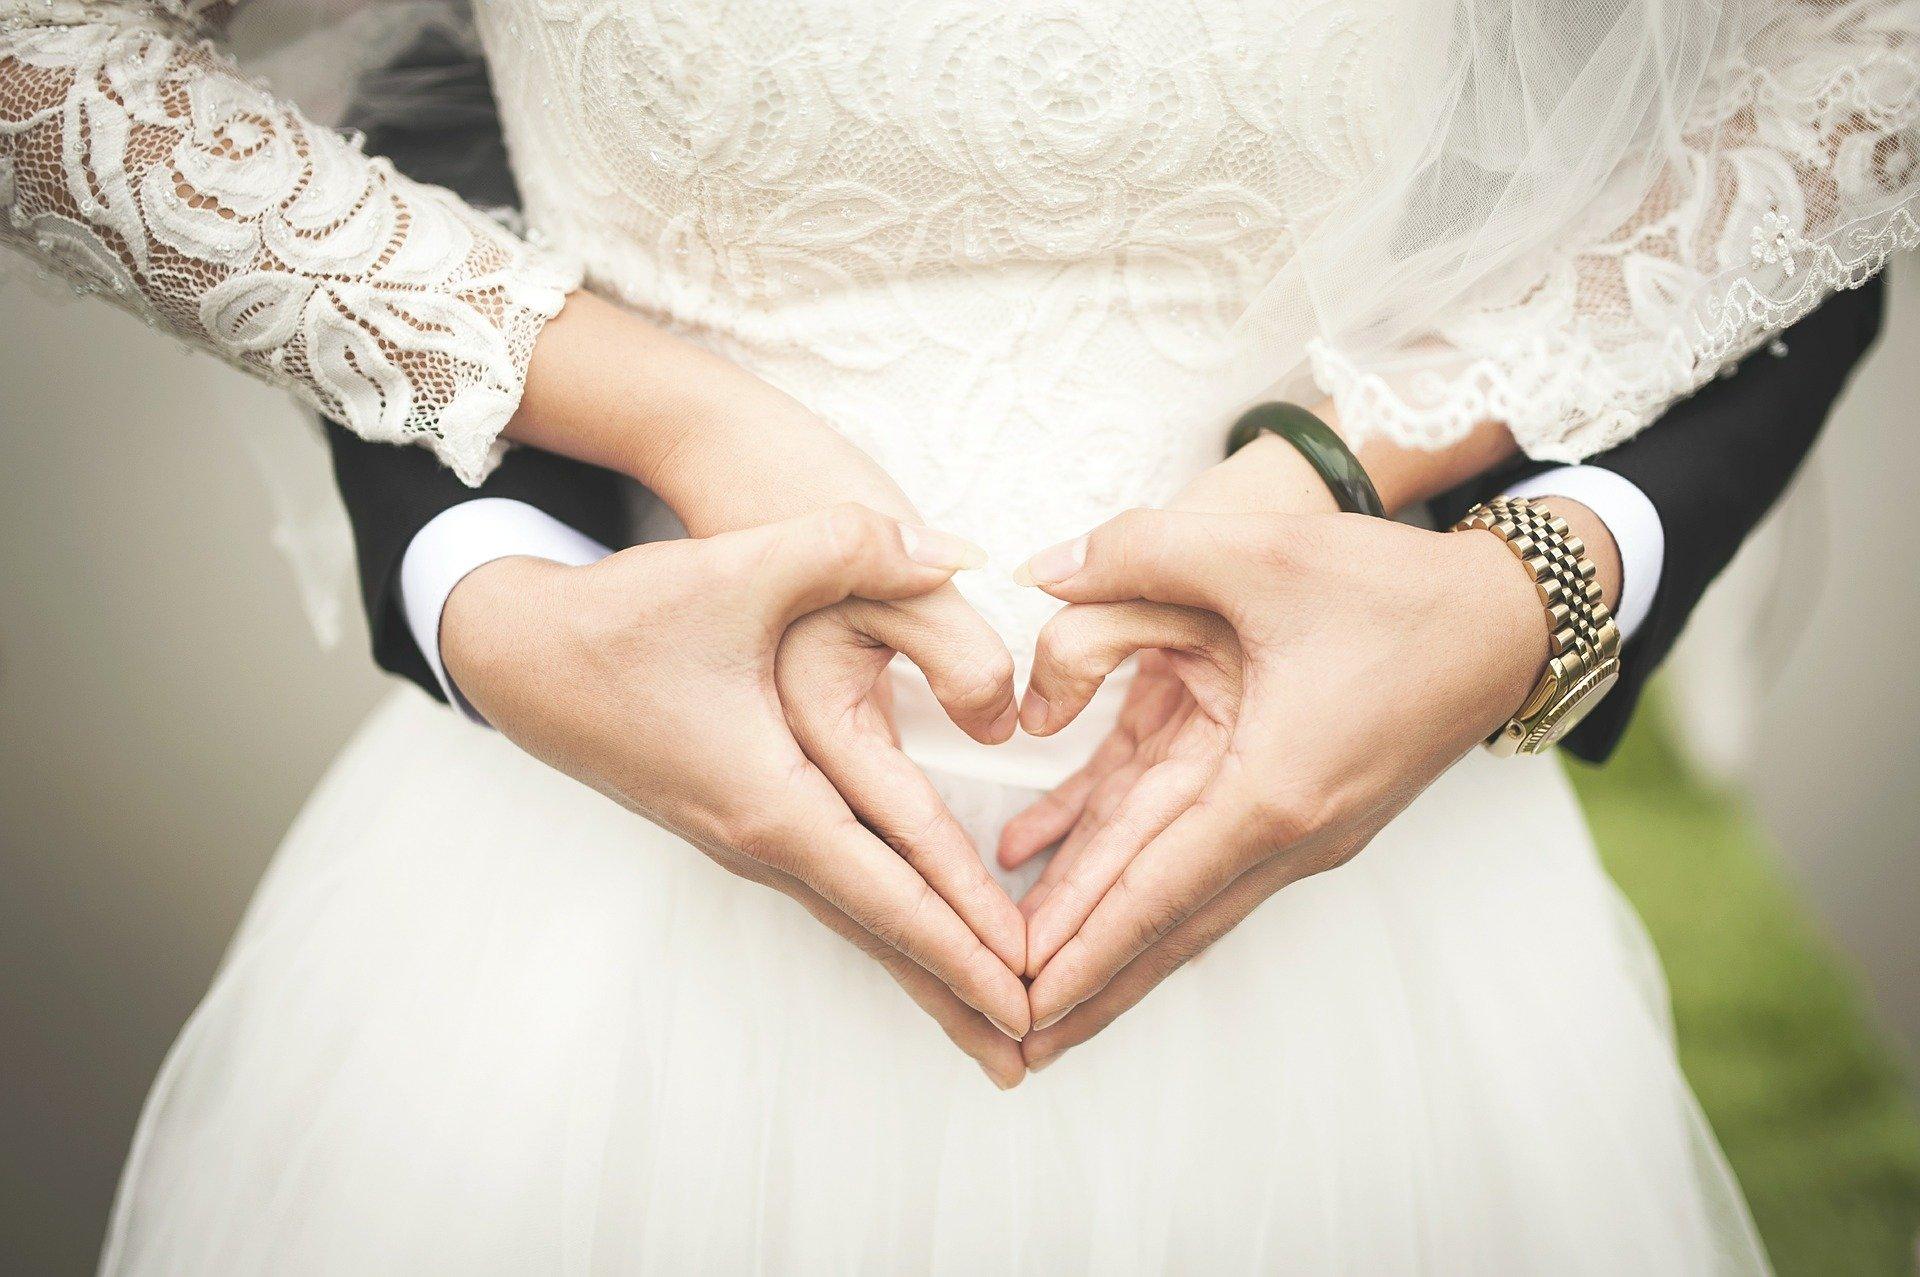 """Τα """"μυστικά"""" της επιτυχίας σε ένα ευτυχισμένο γάμο"""